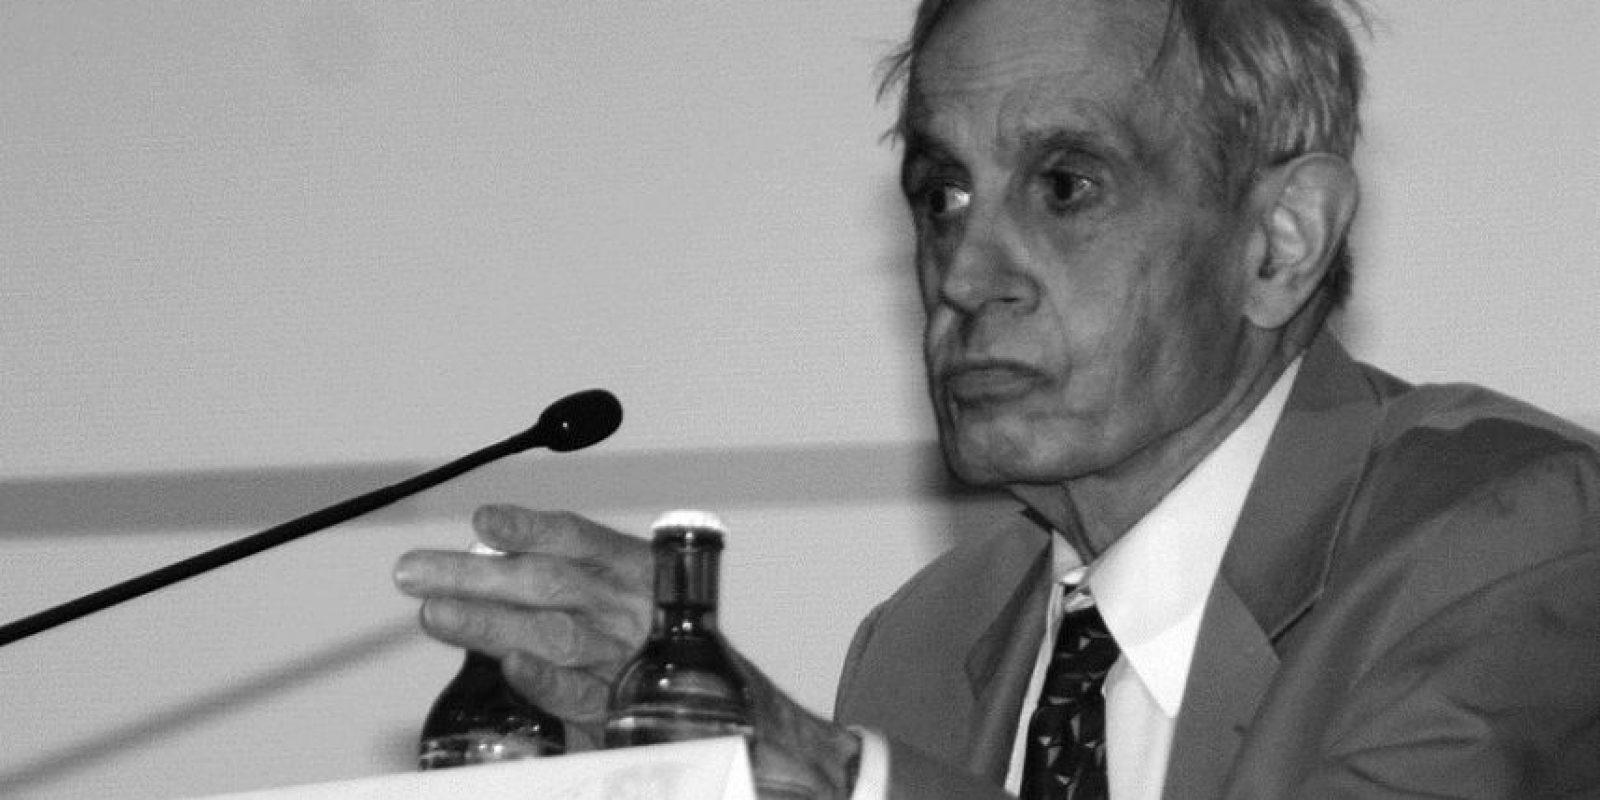 """John Nash. El matemático cuya vida inspiró """"Una Mente Brillante"""" murió en un accidente de taxi el 23 de mayo. John, de 86 años, y su esposa Alicia salieron disparados desde el coche después de que se estrellara contra una valla de seguridad en Nueva Jersey. Nash ganó el Premio Nobel de Economía en 1994, después de revolucionar el campo de la teoría de juegos. Foto:Fuente Externa"""